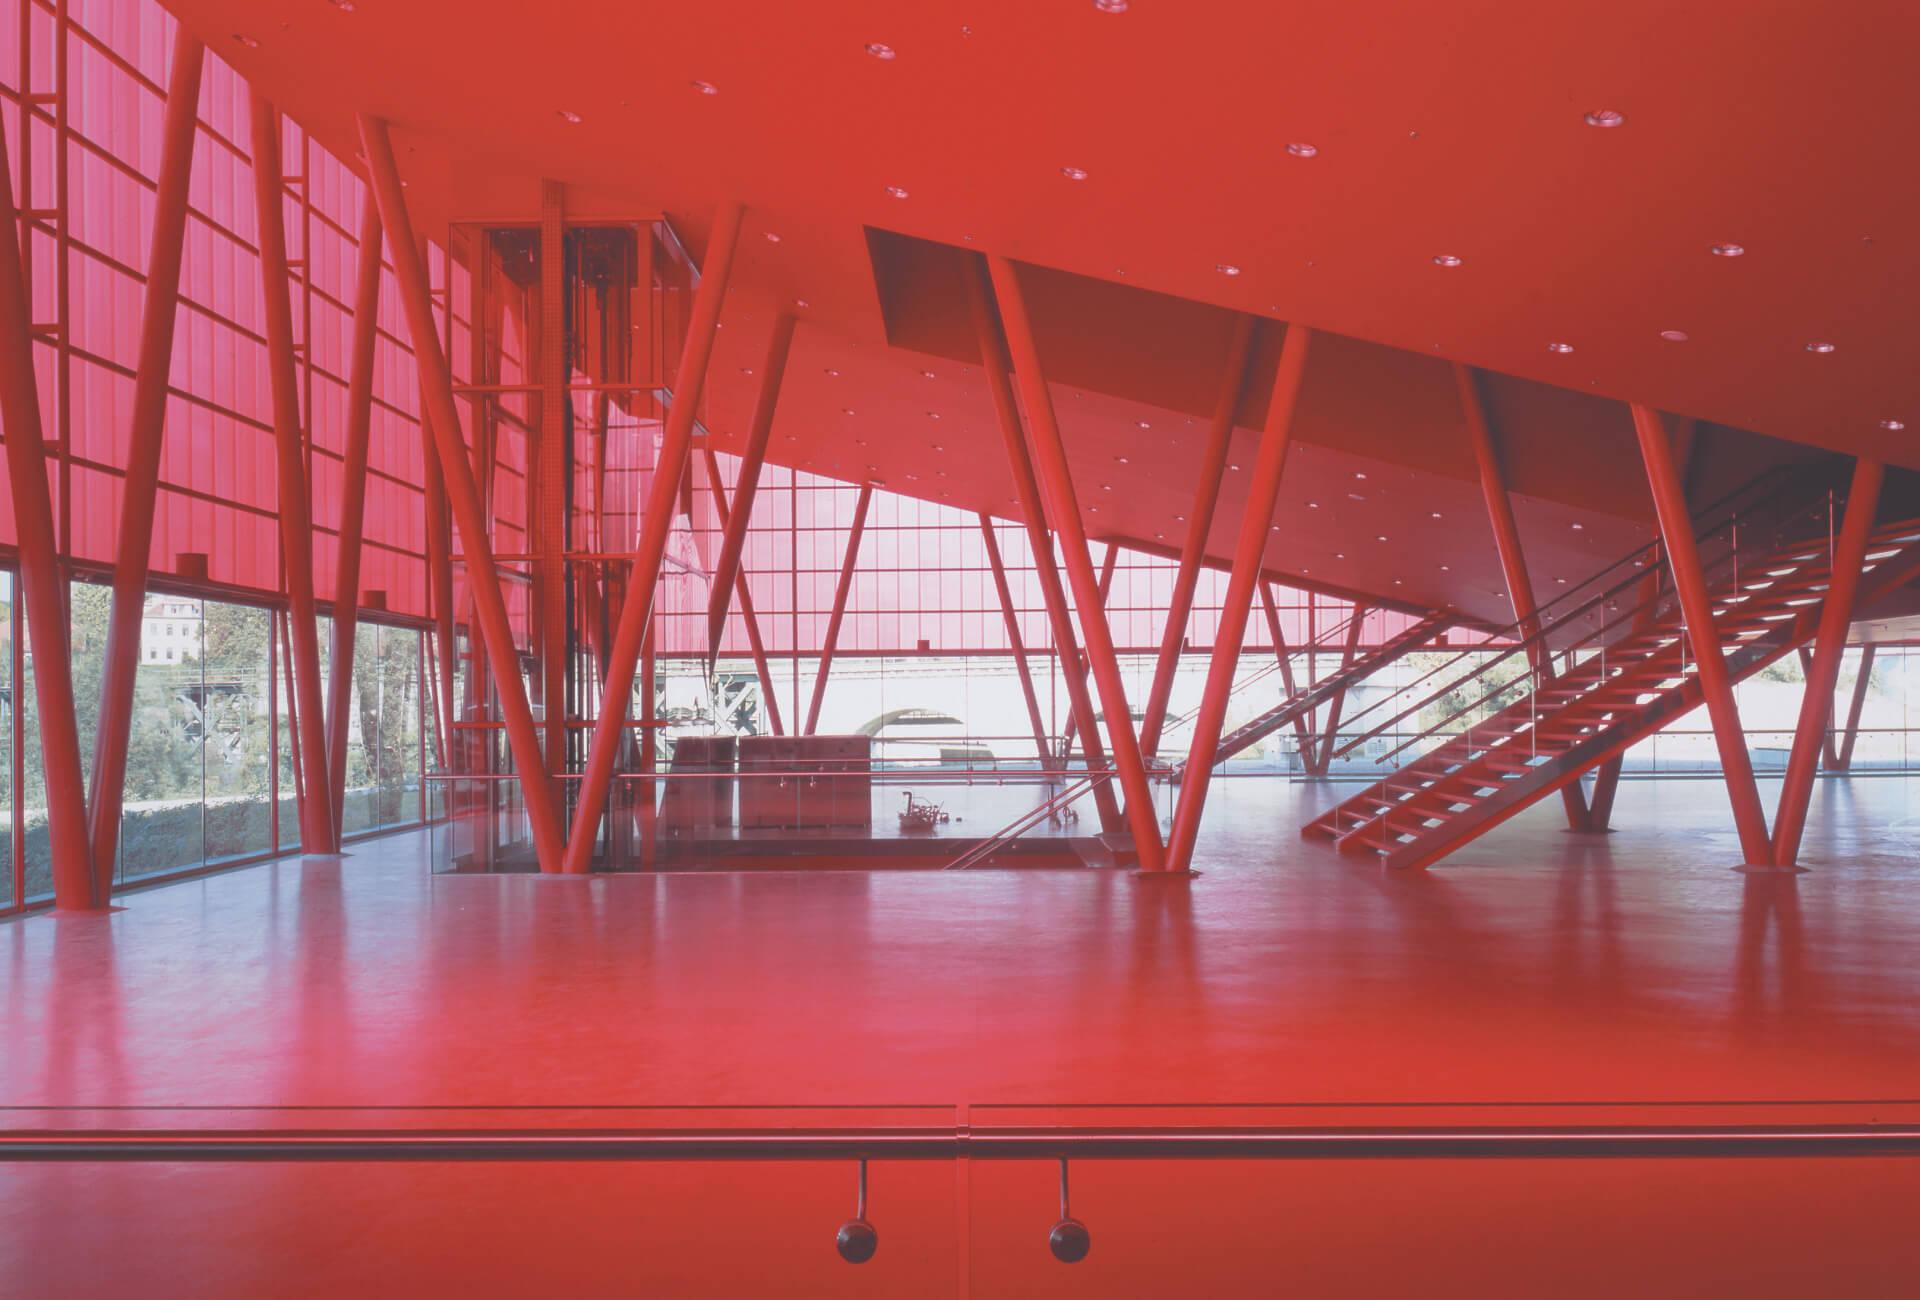 Projektna fotografija Portoval_Kozelj_in011.jpg